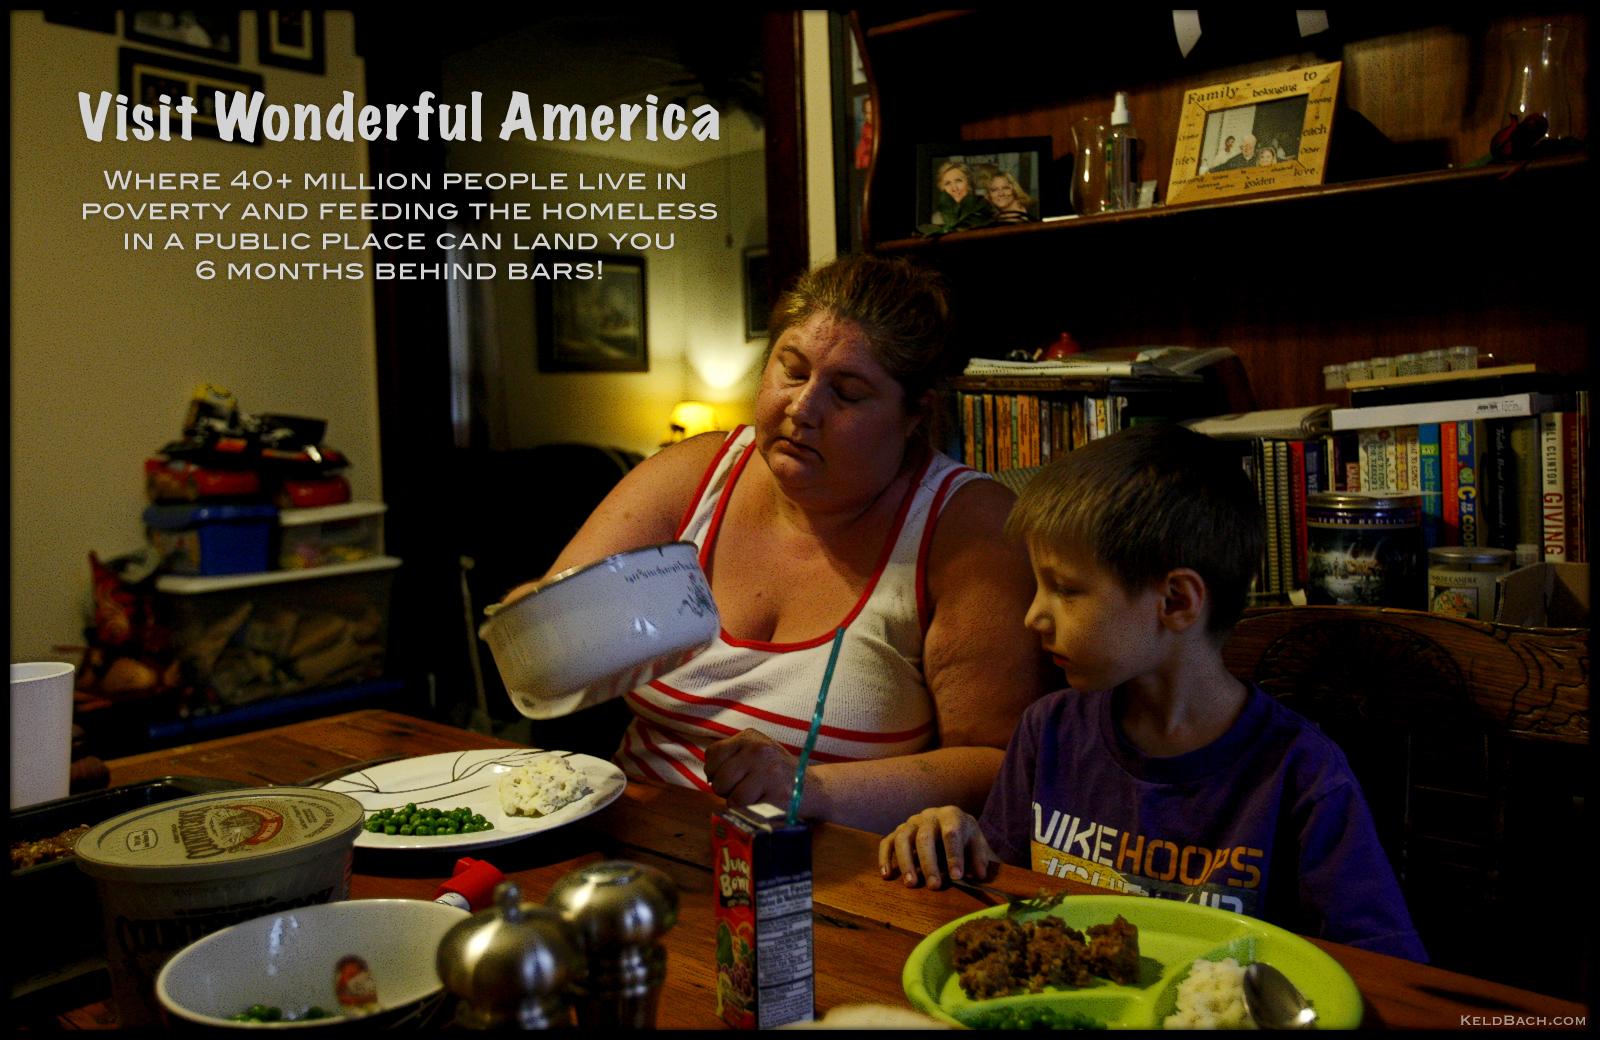 Visit 'Wonderful' America by KeldBach